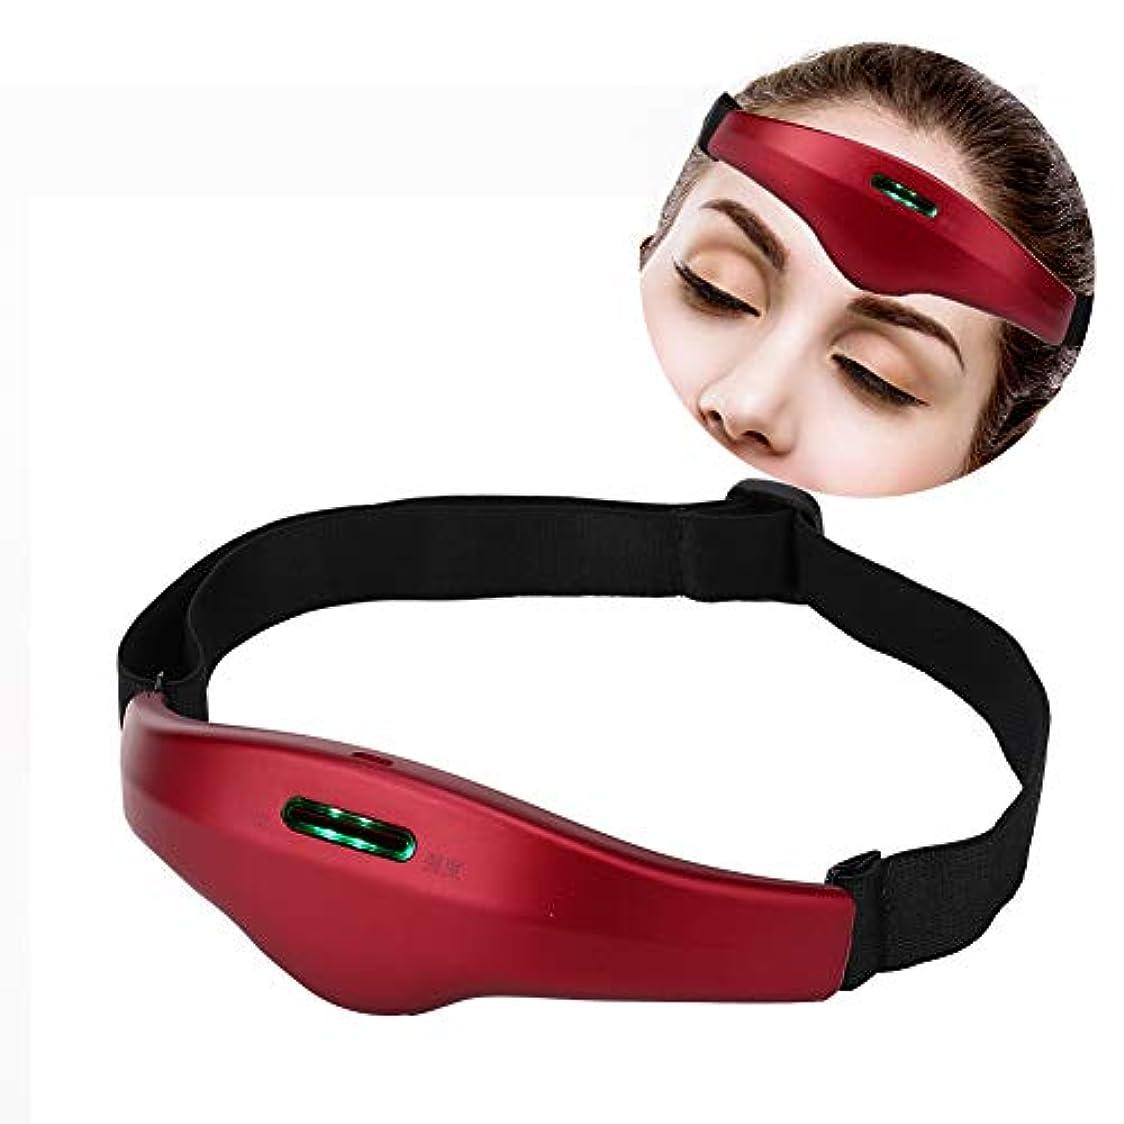 歴史家幻滅するリーチ電気ヘッドマッサージャー、ストレス解消のためのコントロールネックマッサージャーとより良い睡眠の声インテリジェント睡眠マッサージ装置(Vermilion Red)